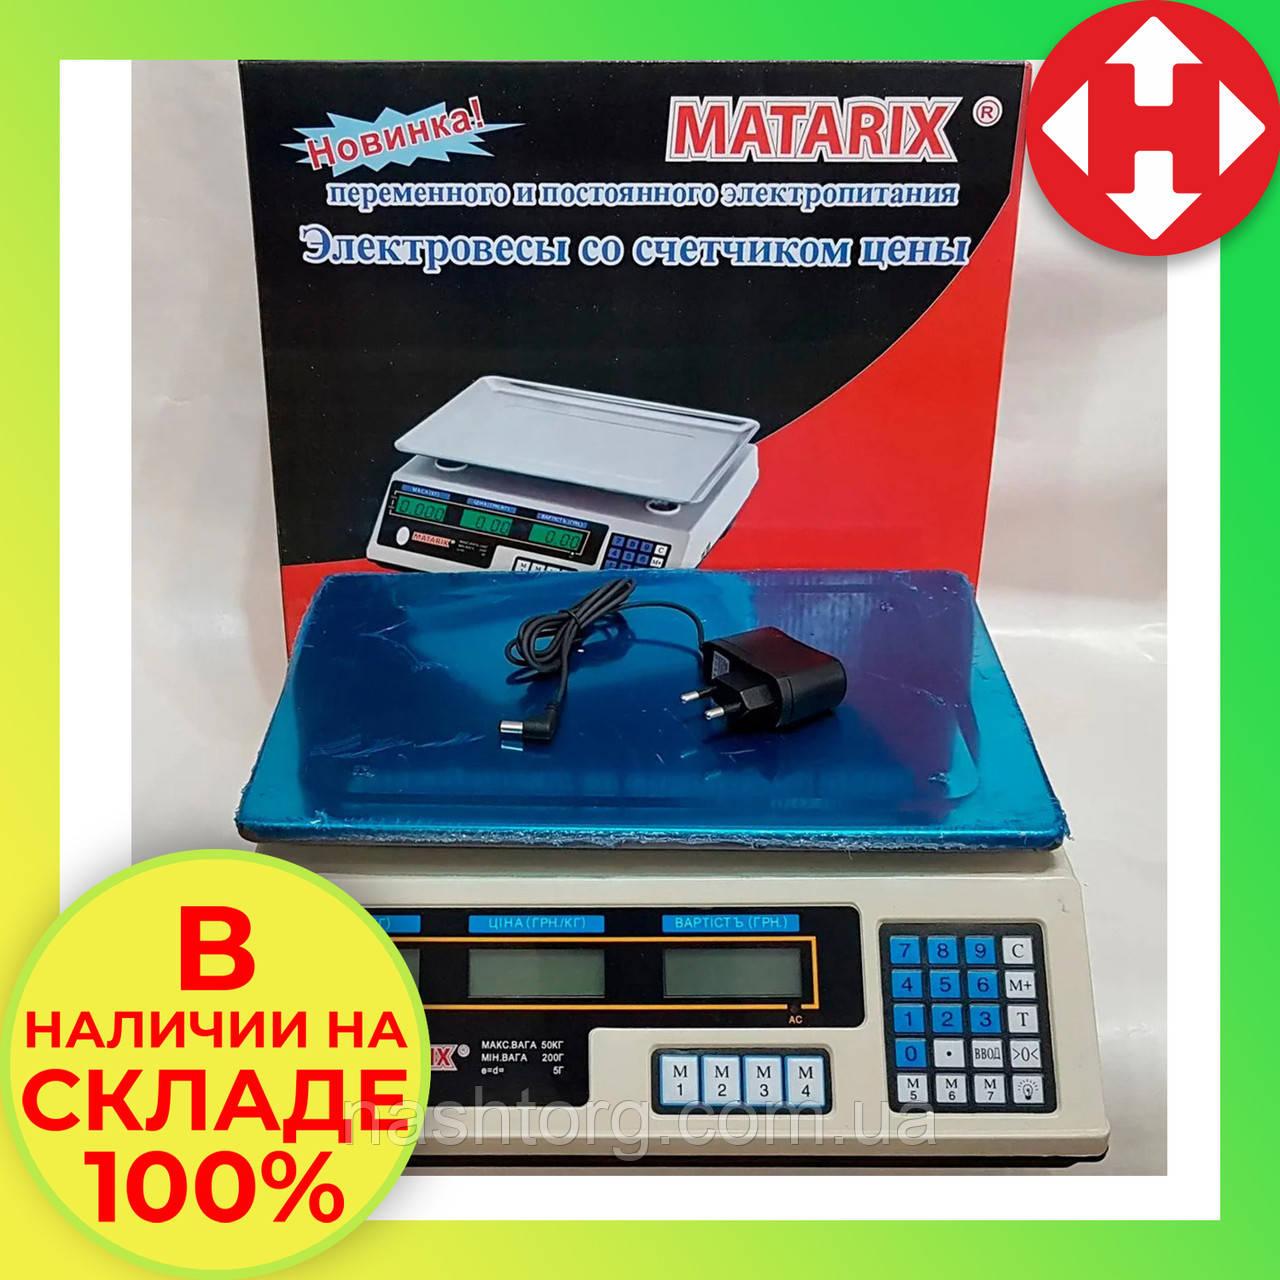 Весы торговые-электронные Matarix MX 401А, белого цвета, (ваги електронні торгові)